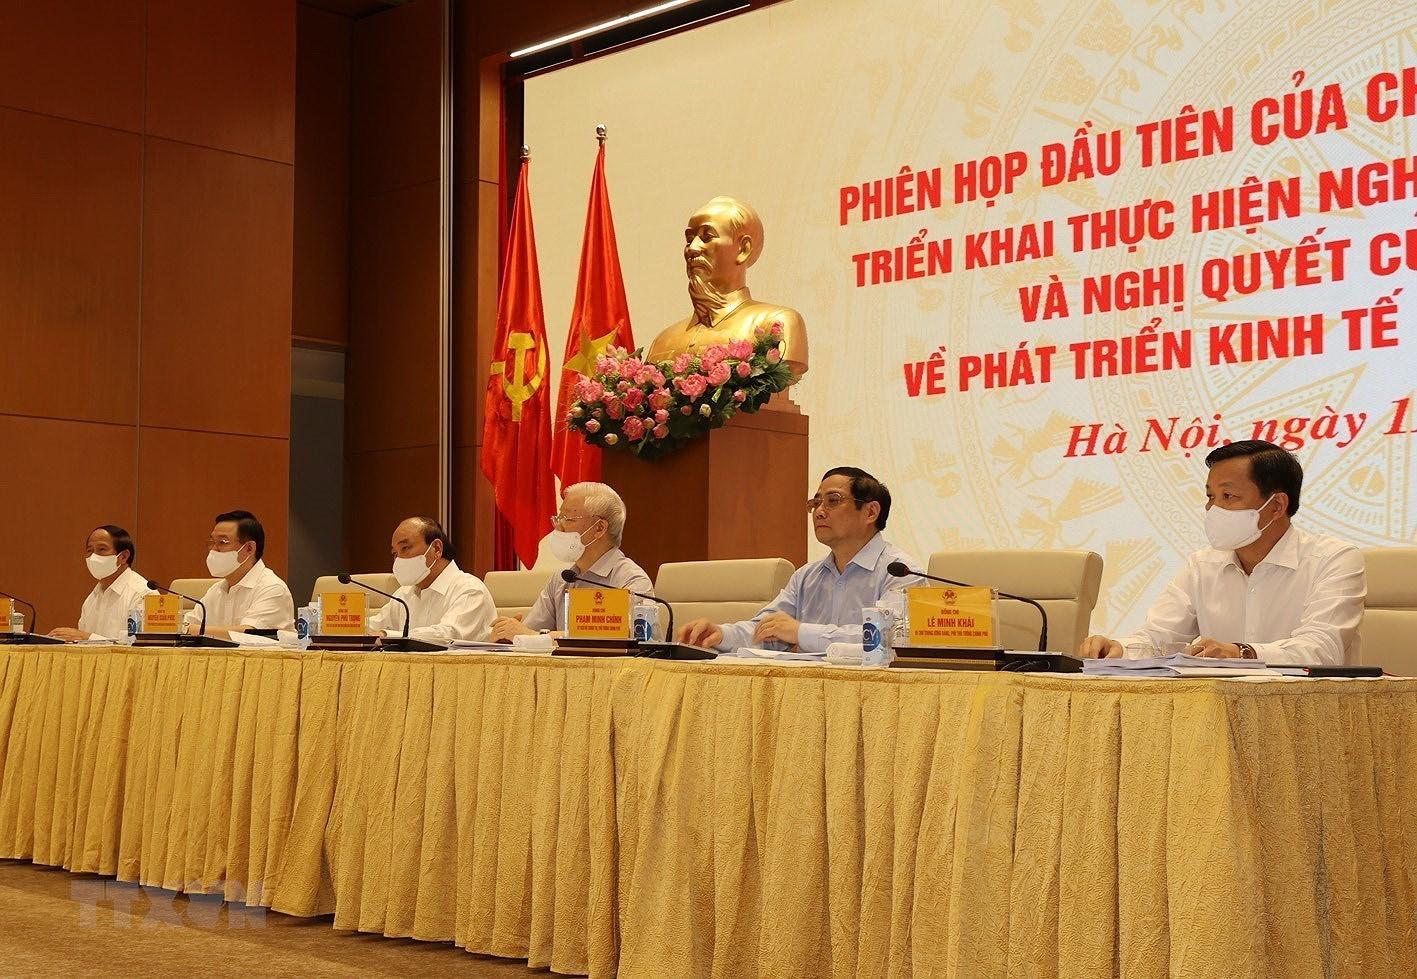 Tong Bi thu du Phien hop dau tien cua Chinh phu nhiem ky 2021-2026 hinh anh 7